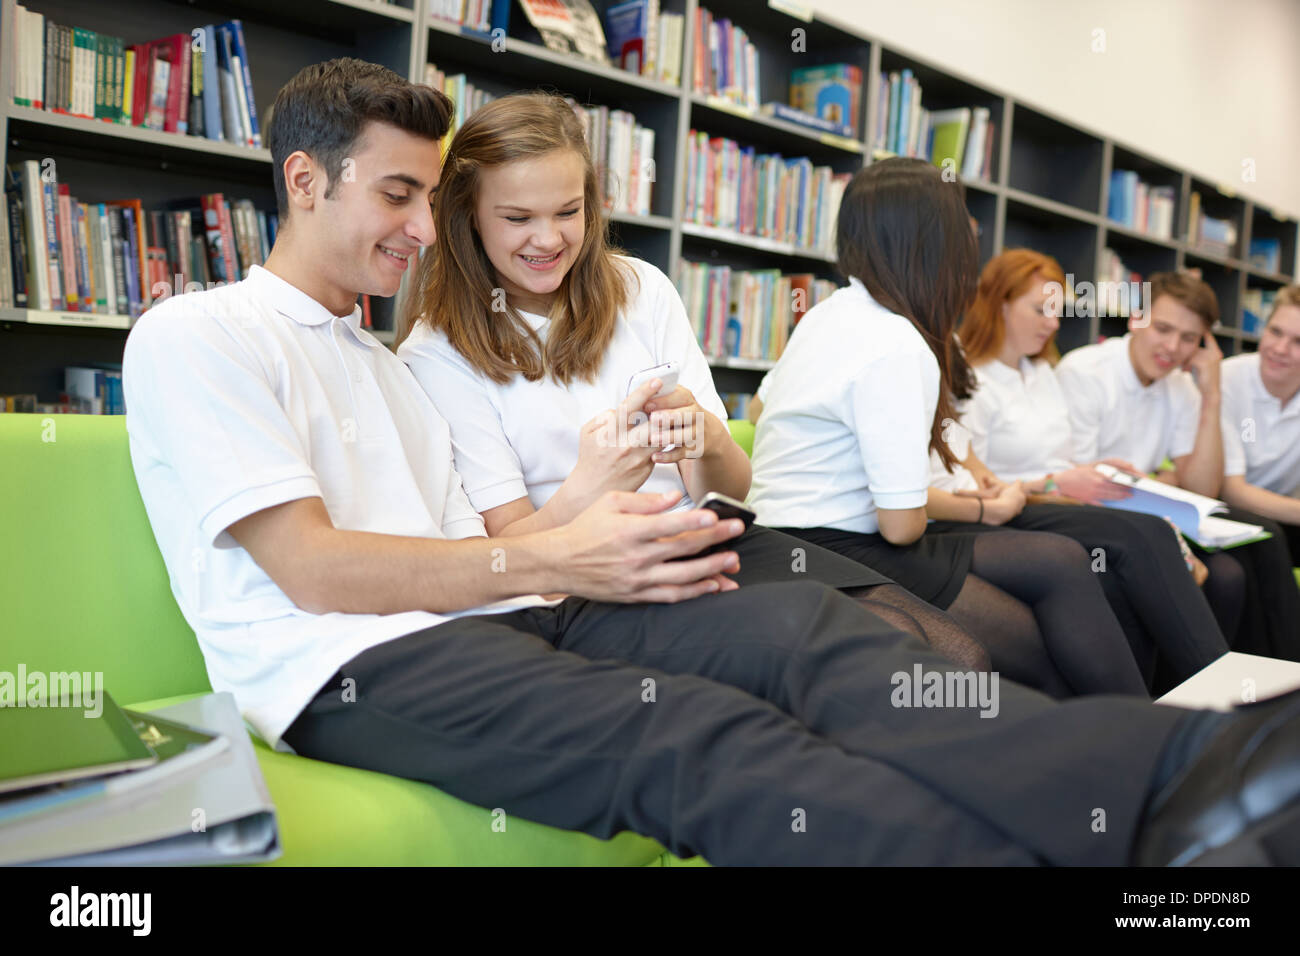 Reihe von Jugendlichen hängen in der Bibliothek Stockbild